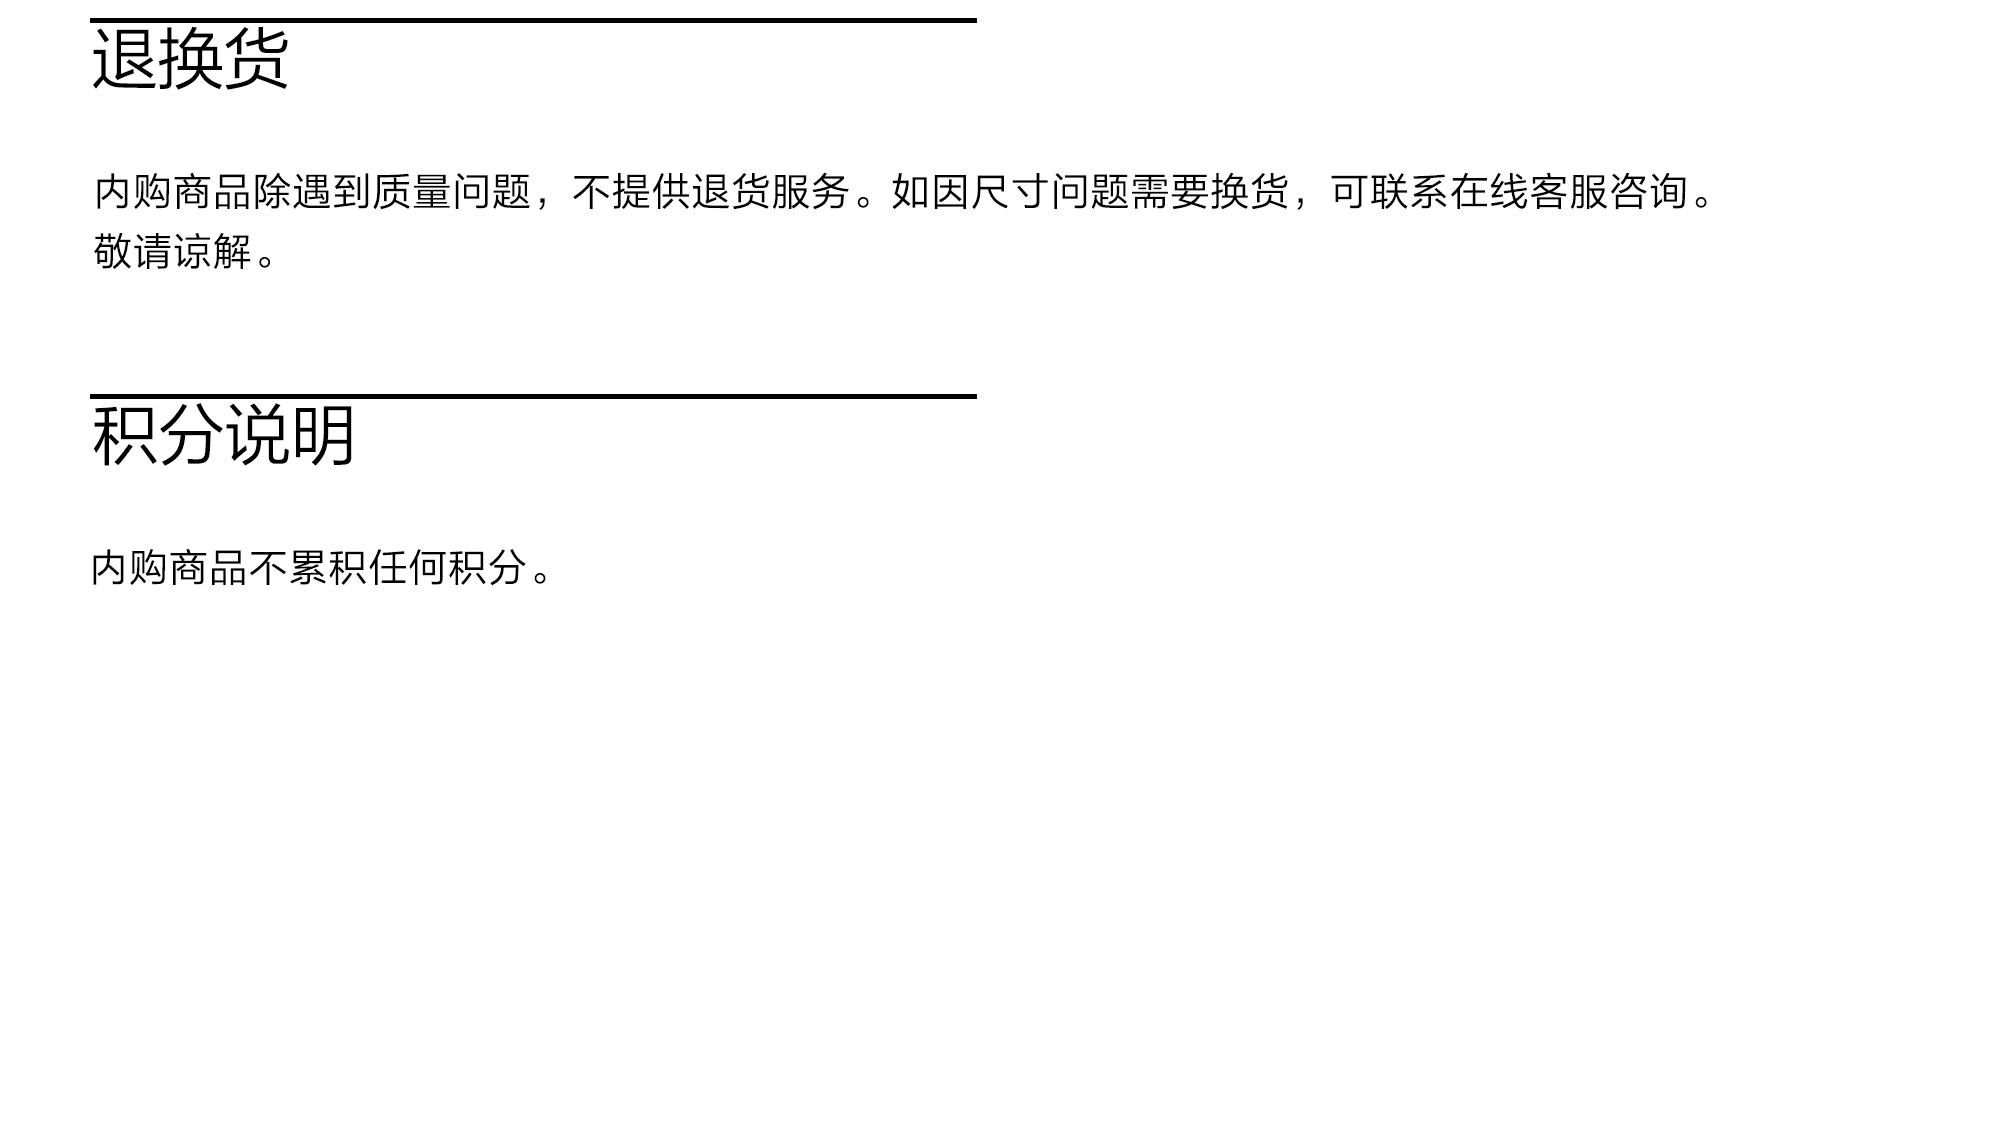 基础手链佩戴说明_17 (1)